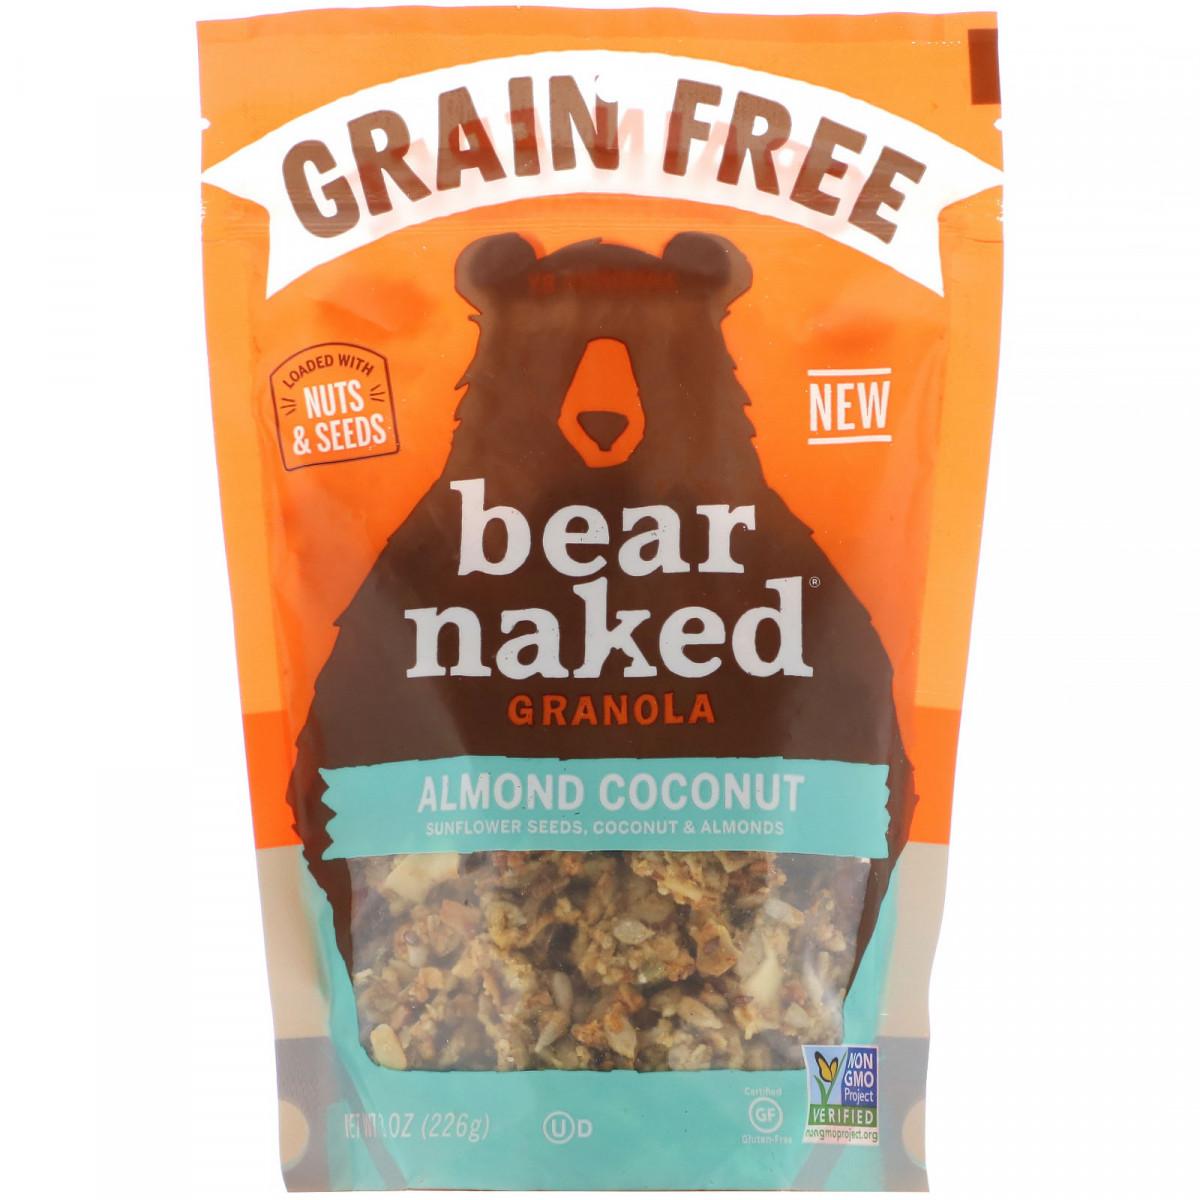 Беззерновая гранола, мигдаль і кокос, Bear Naked, 226 г